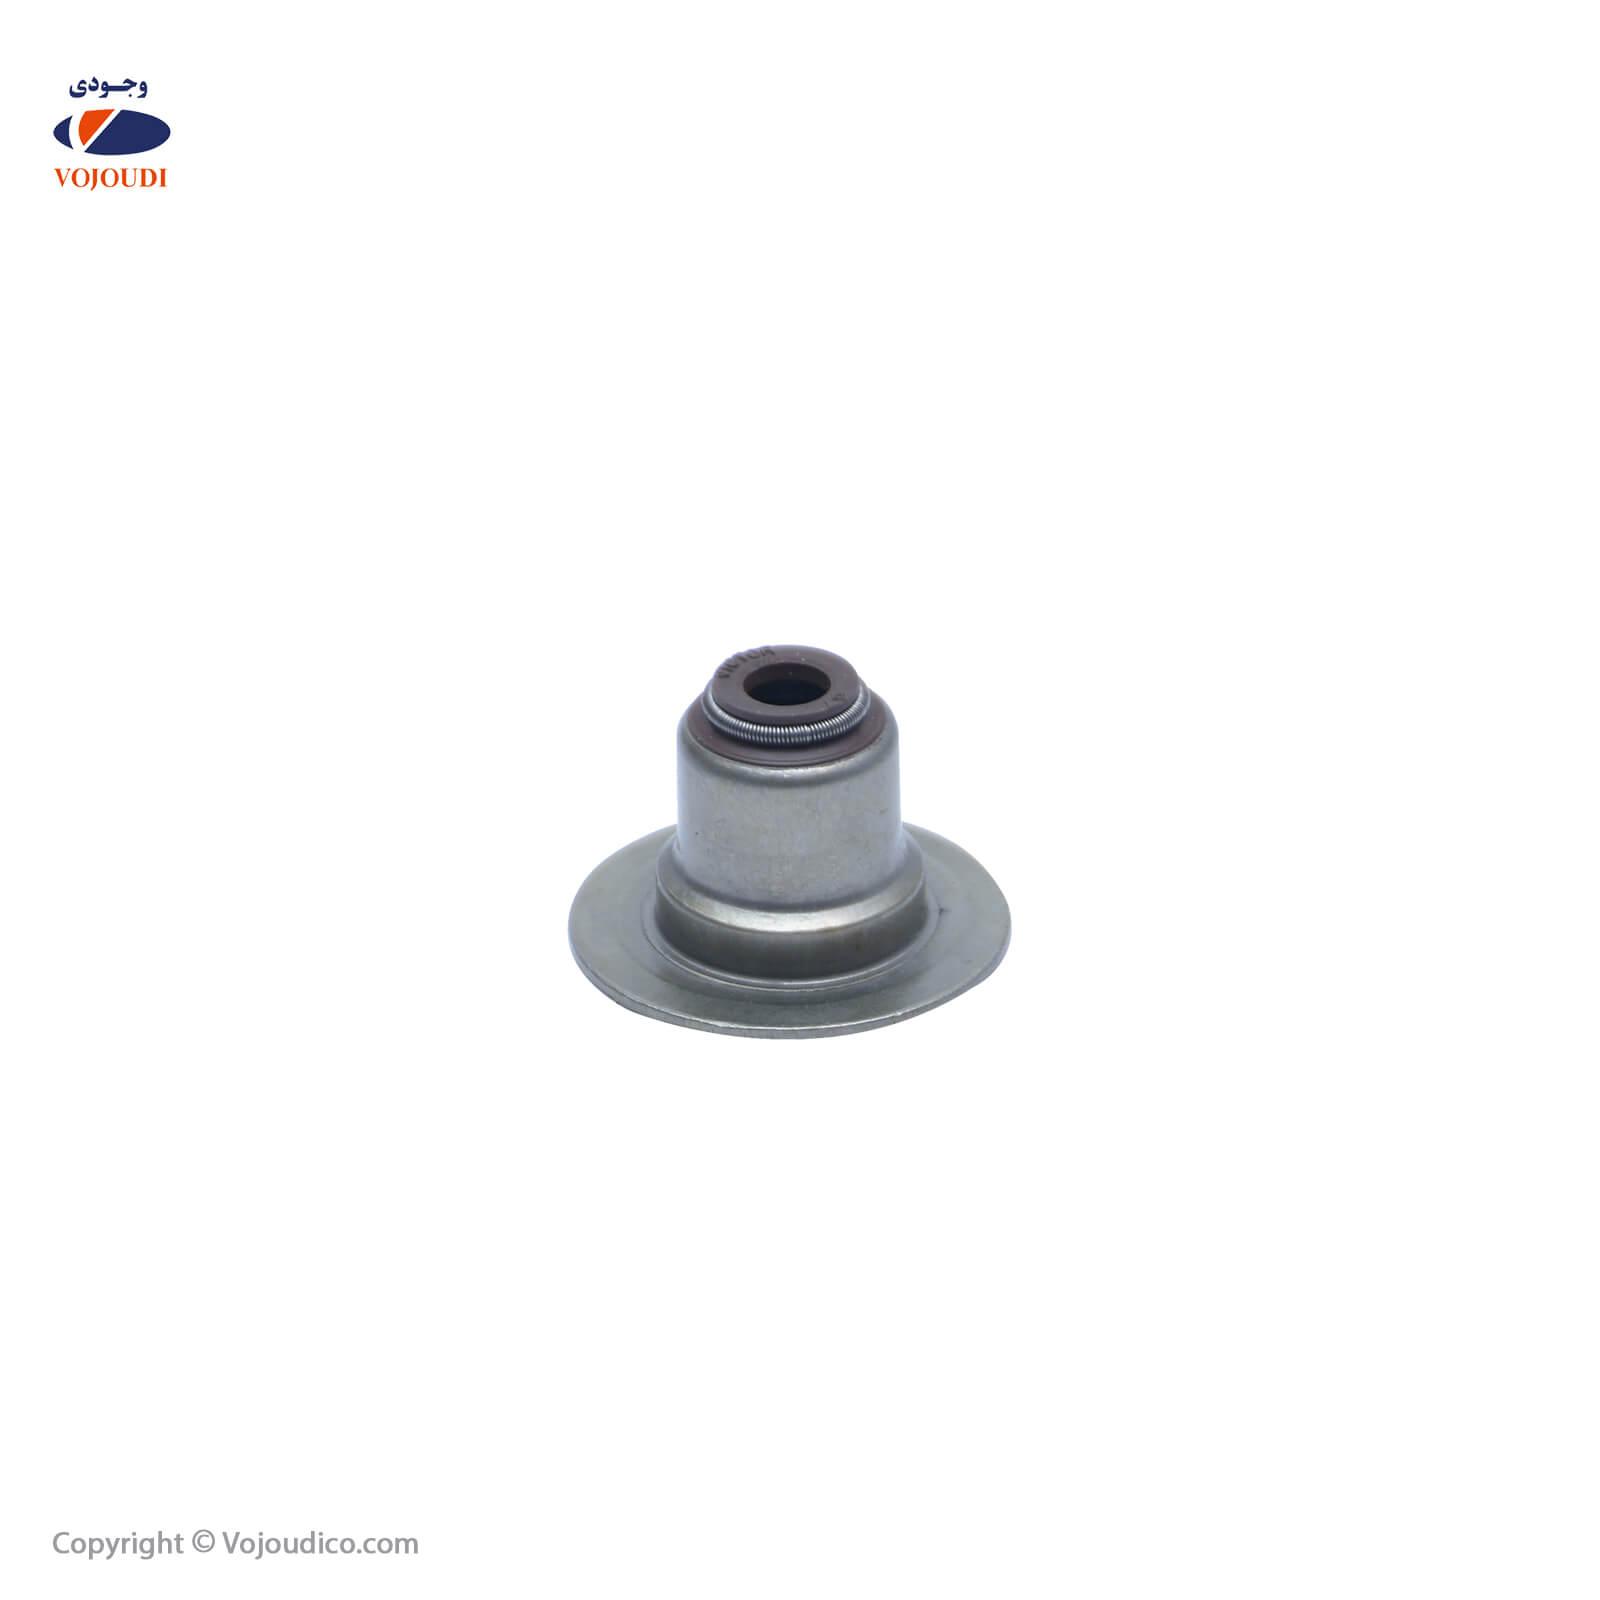 39101 1 - کاسه نمد ساق سوپاپ وجودی کد 39101 مناسب برای زانتیا 2000